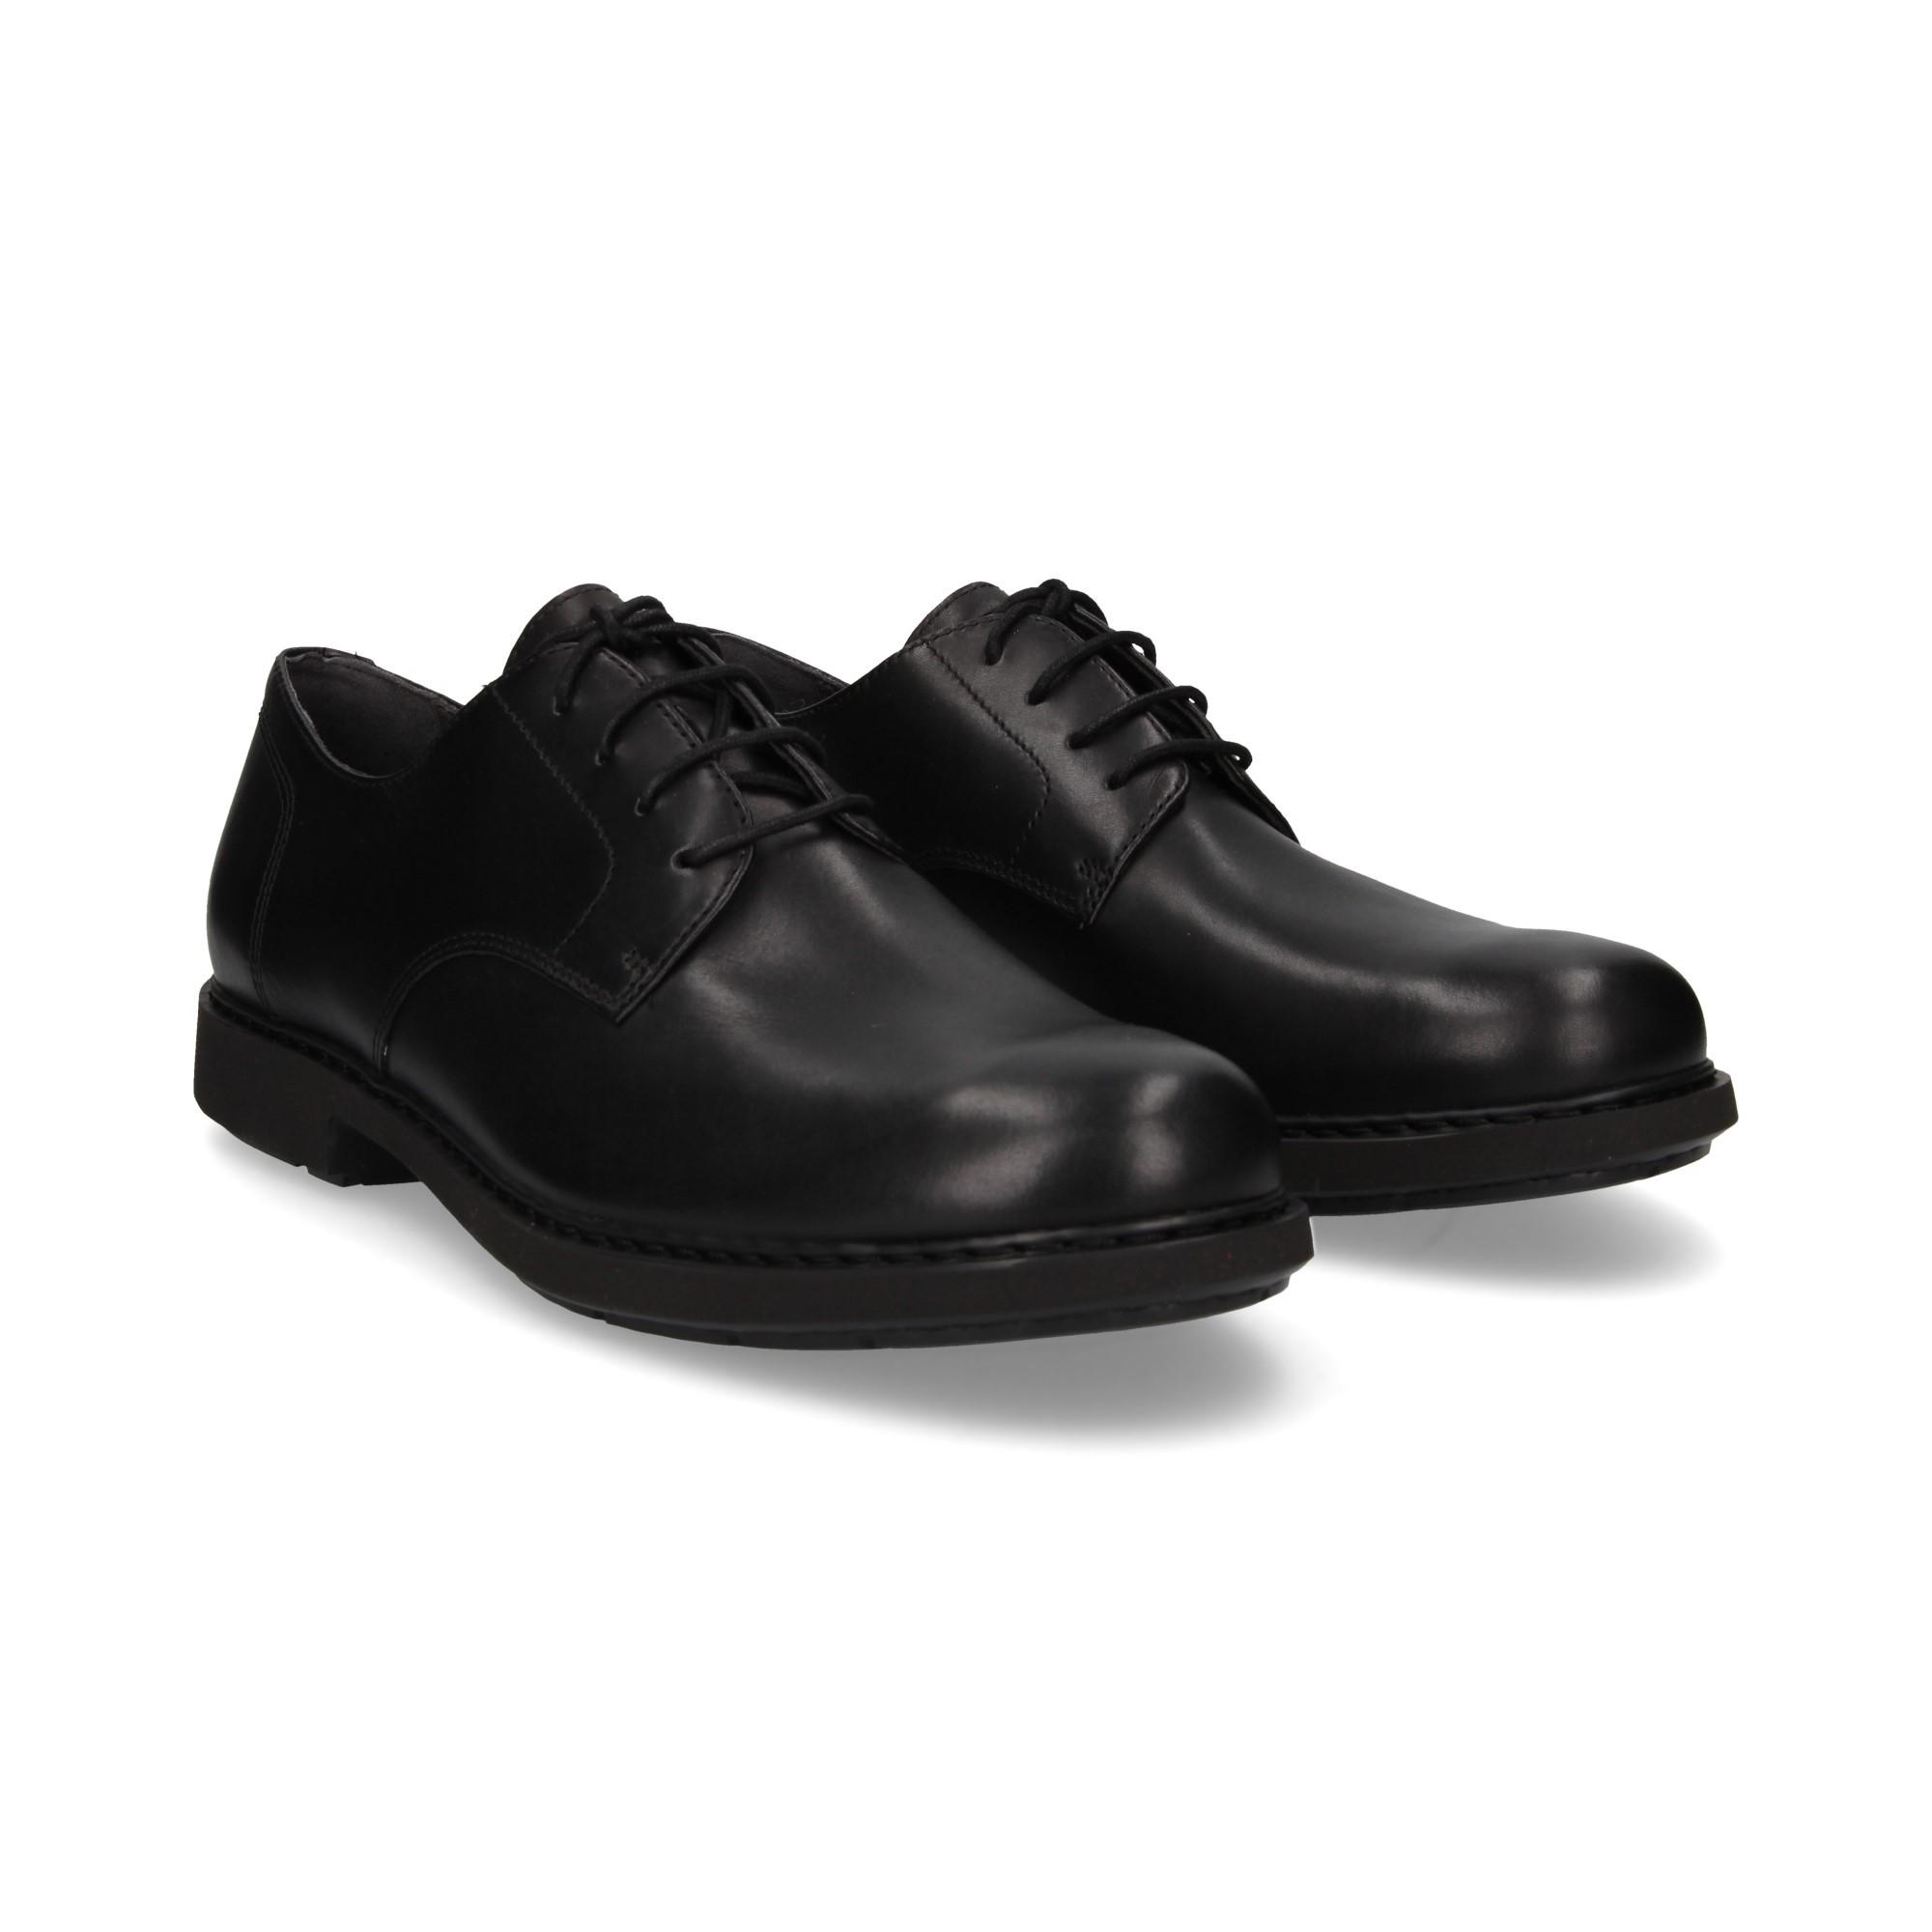 Camper Vestir Negro 008 De Ranqw0 Zapatos Hombre Zwagyqq K100152 AHqw61Ax